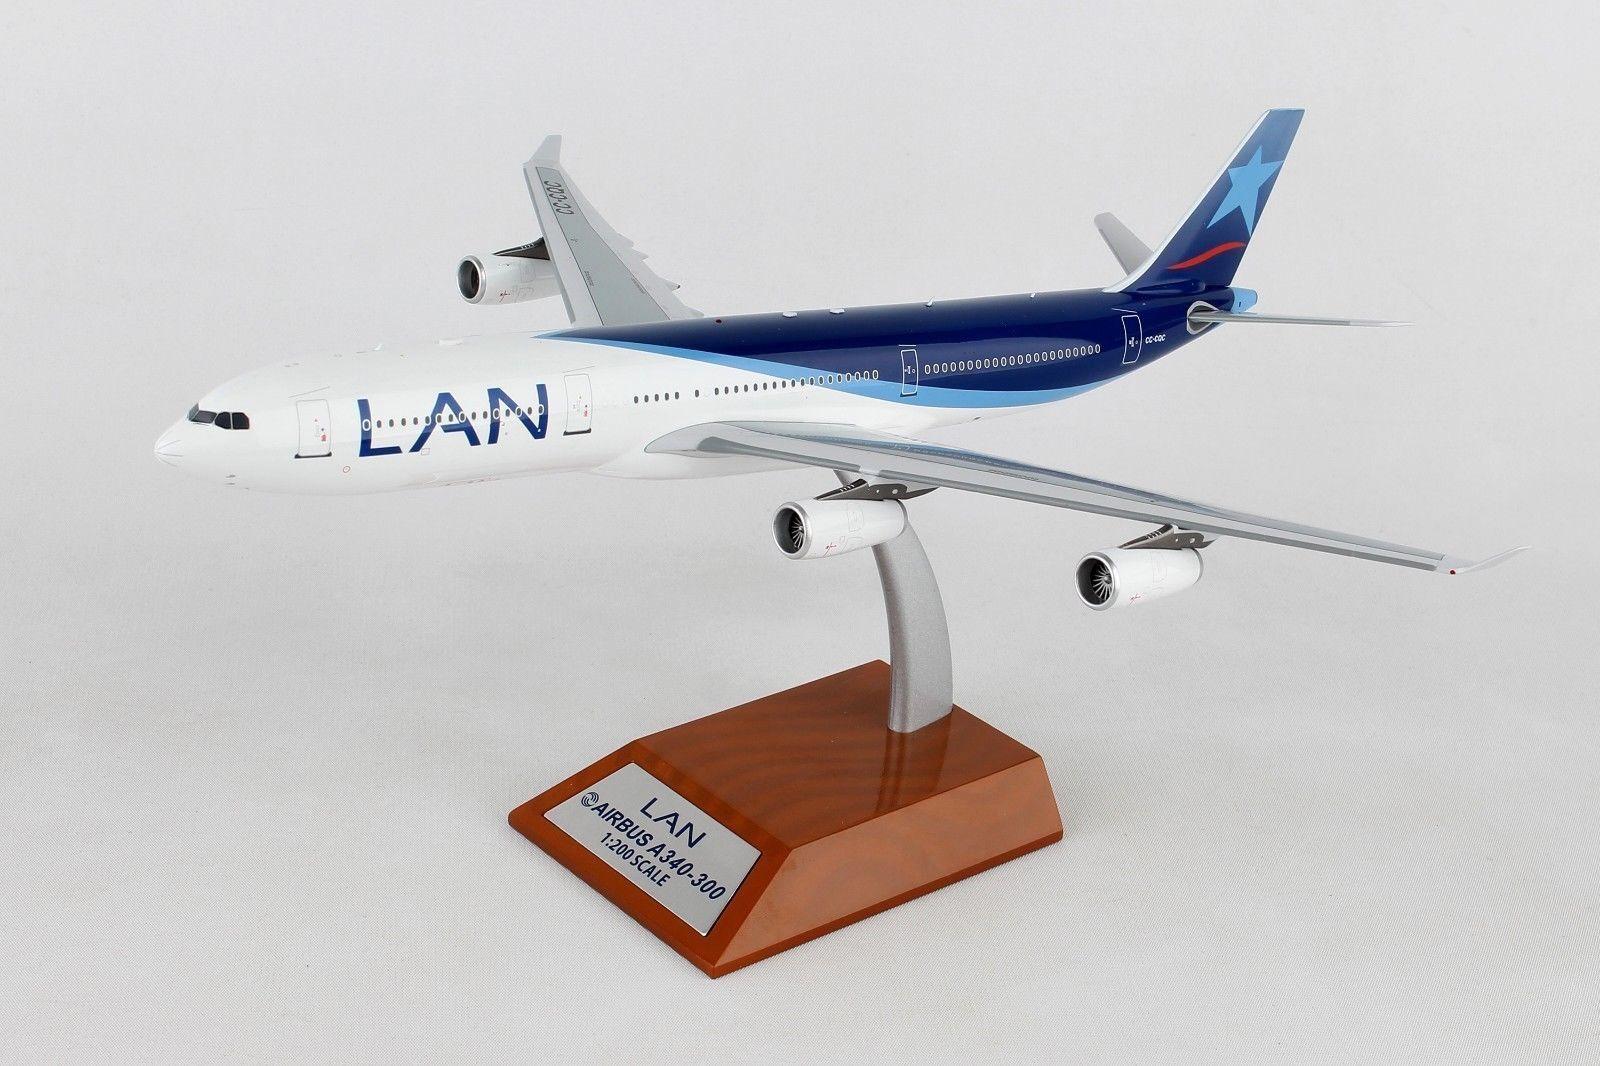 Inflight Inflight Inflight 200 IF343LAN001 1/200 Lan Airlines Airbus A340-300 Cc-Cqc con Supporto 5d8665